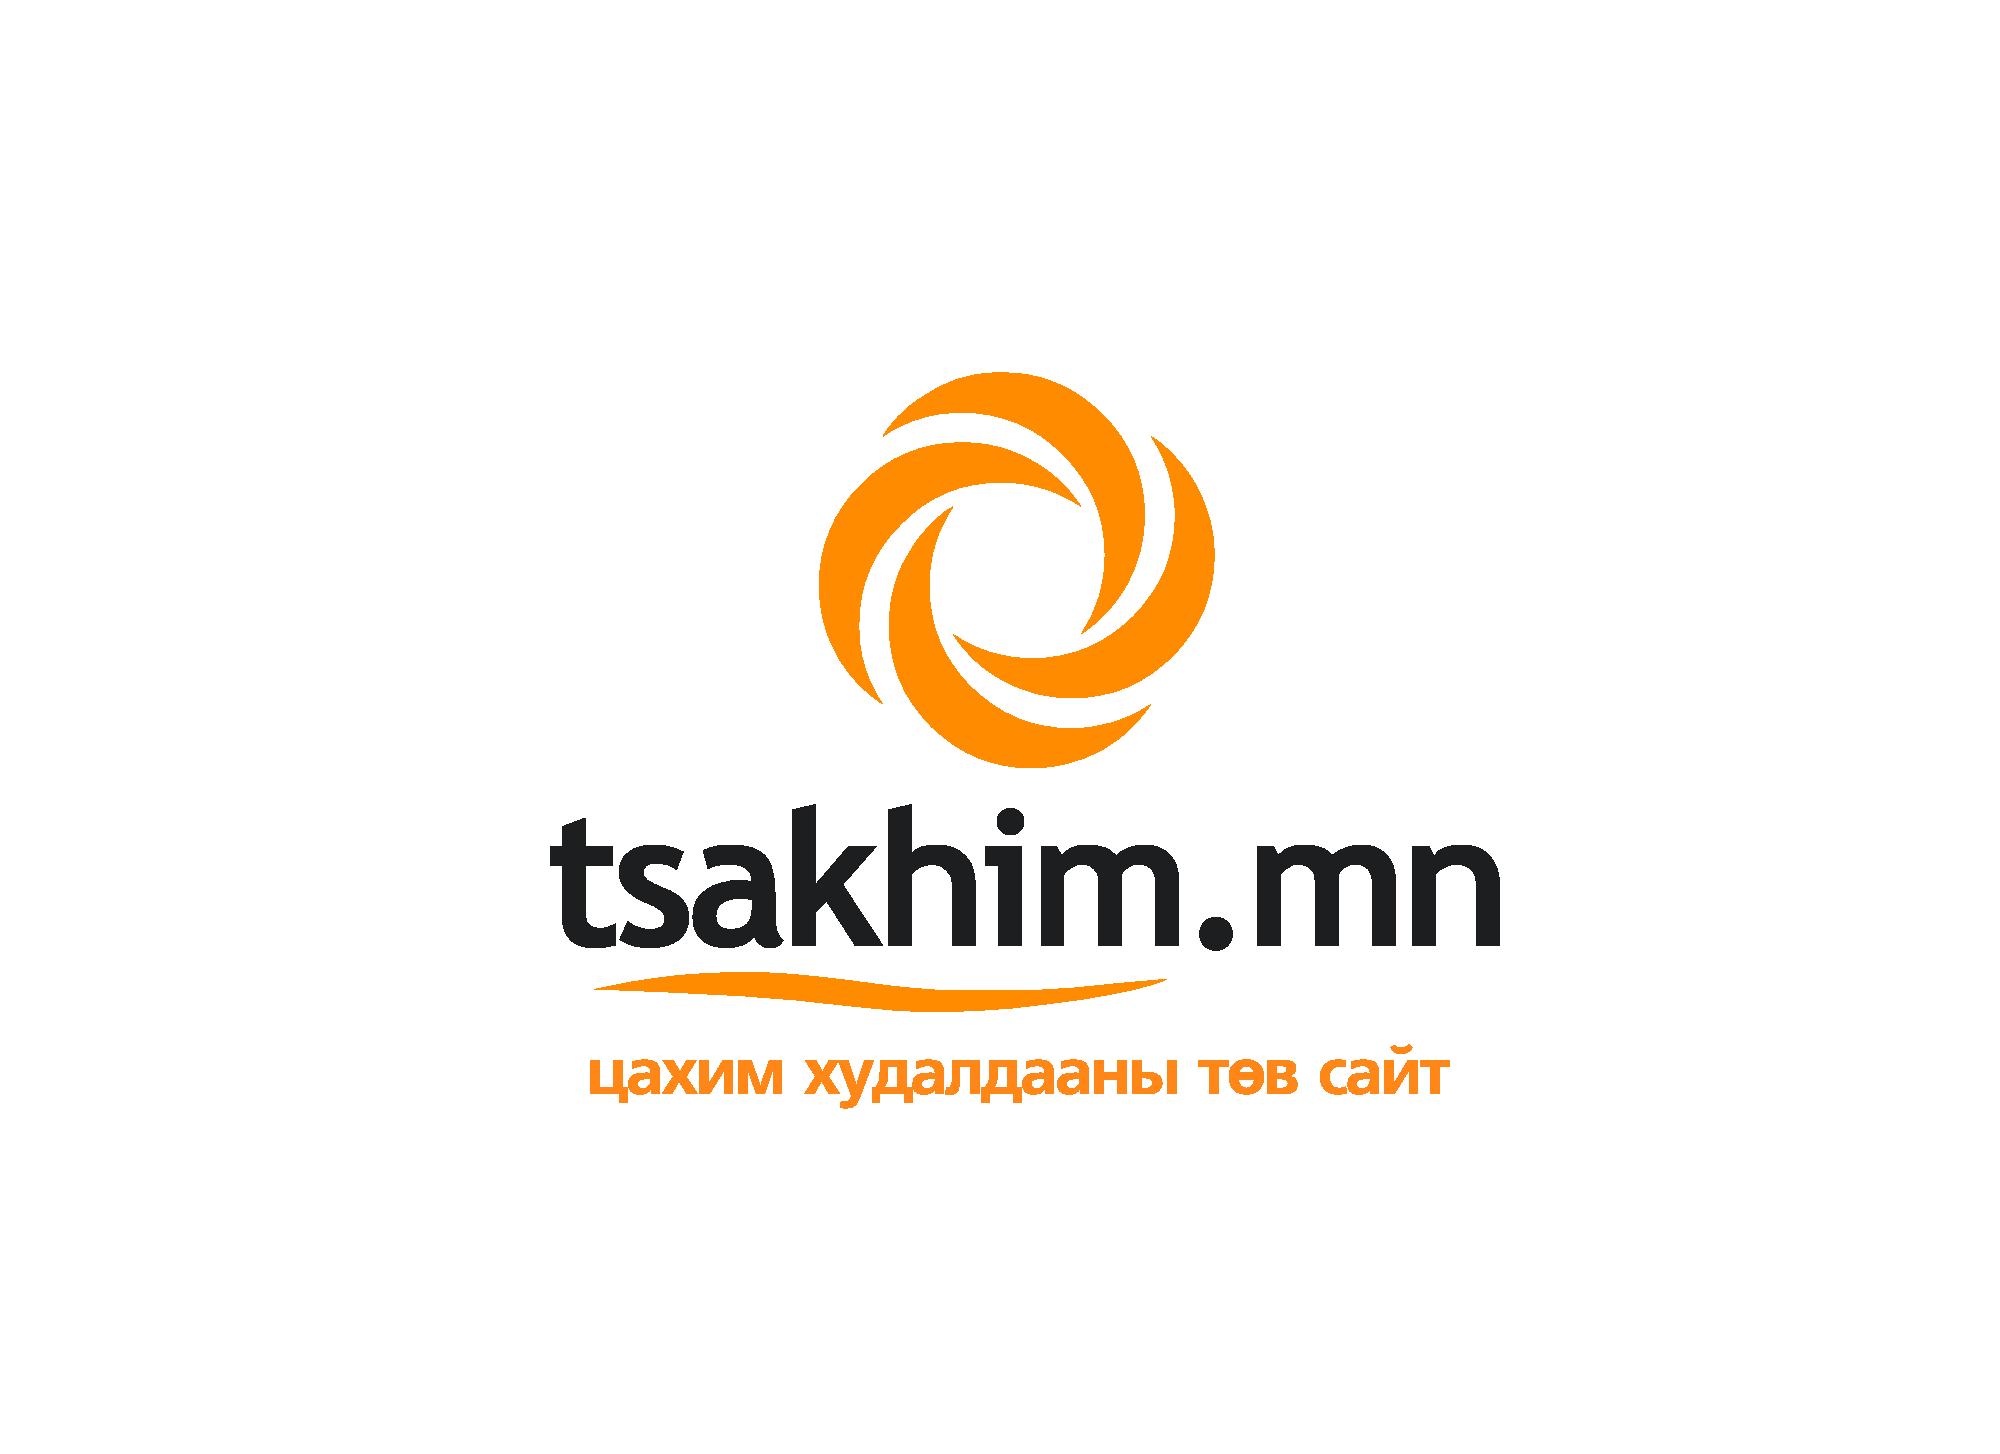 Цахим Худалдаа ХХК нь Алибаба групын сайтуудыг Монгол хэлээр ажиллуулж эхэллээ.